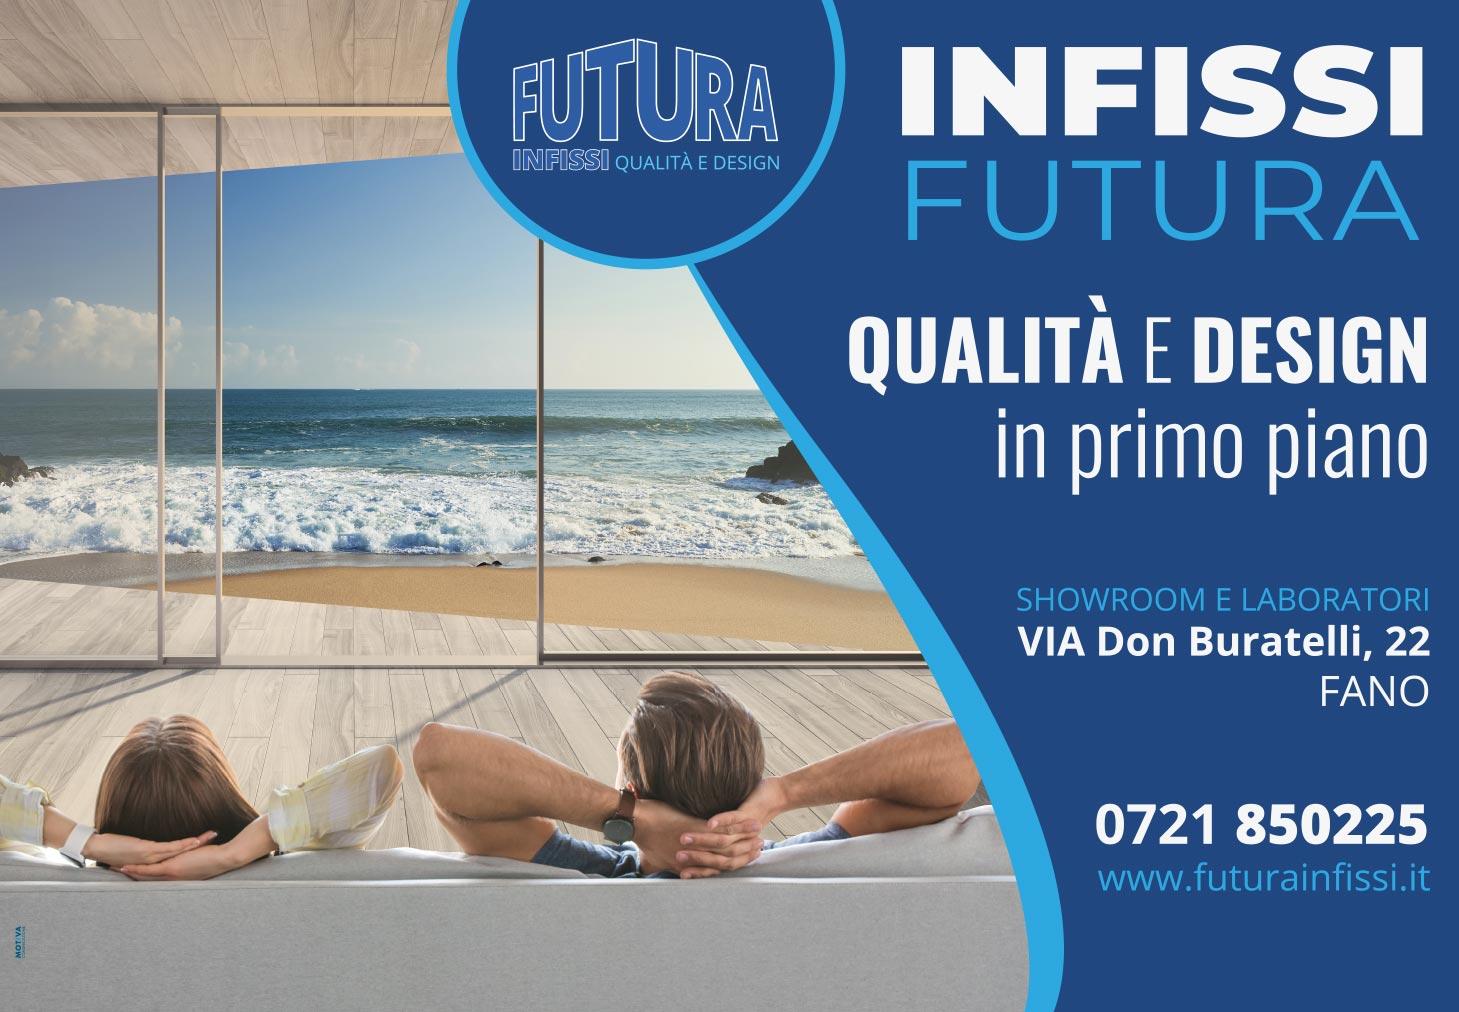 futura infissi poster 200x140